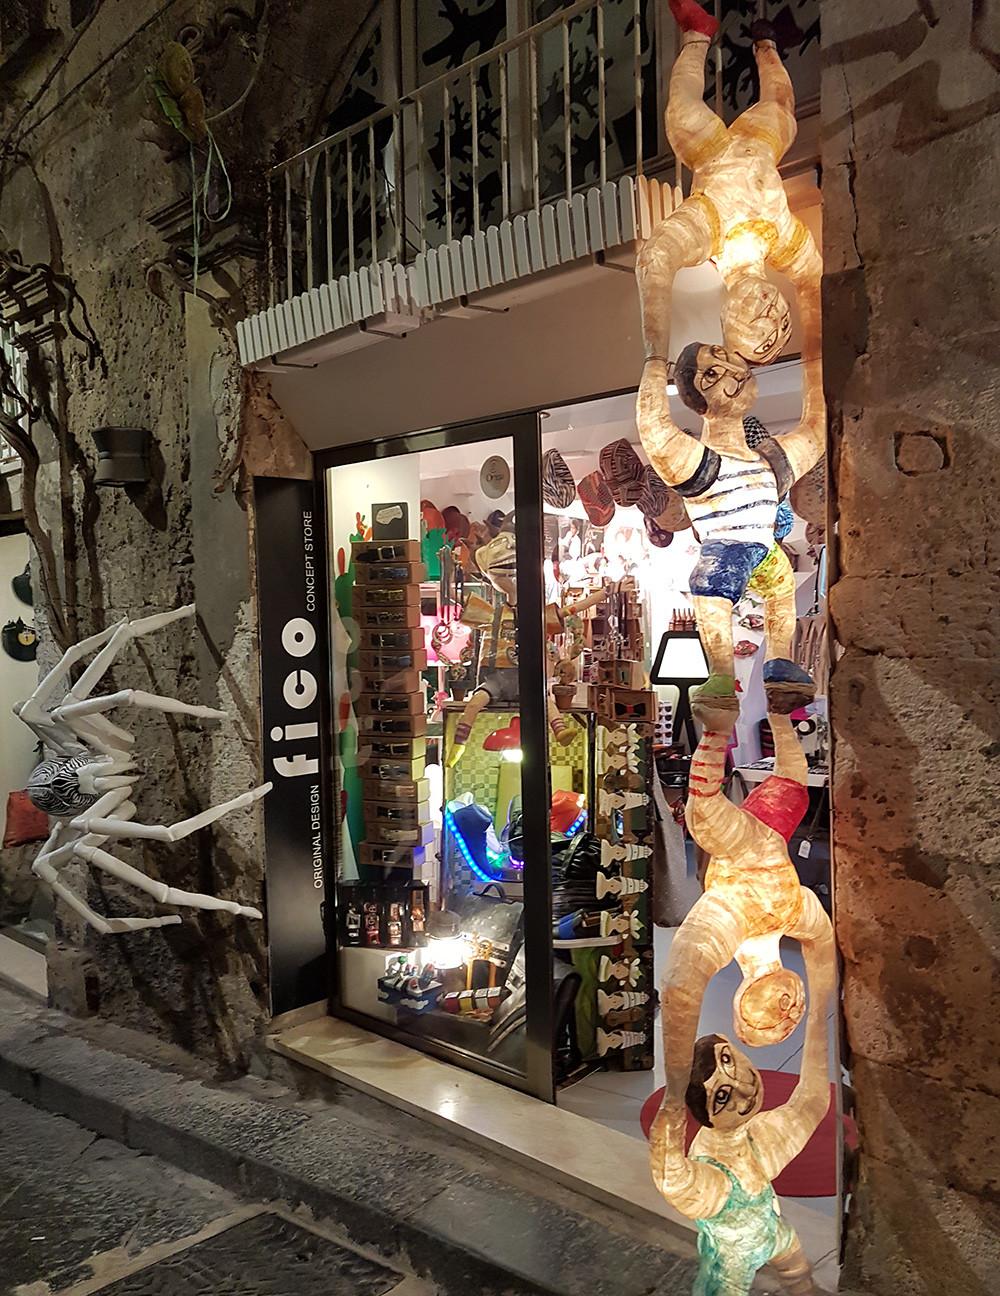 Dicas de moda viagem, estilo, Siracusa, Itália, Fico Concept Store